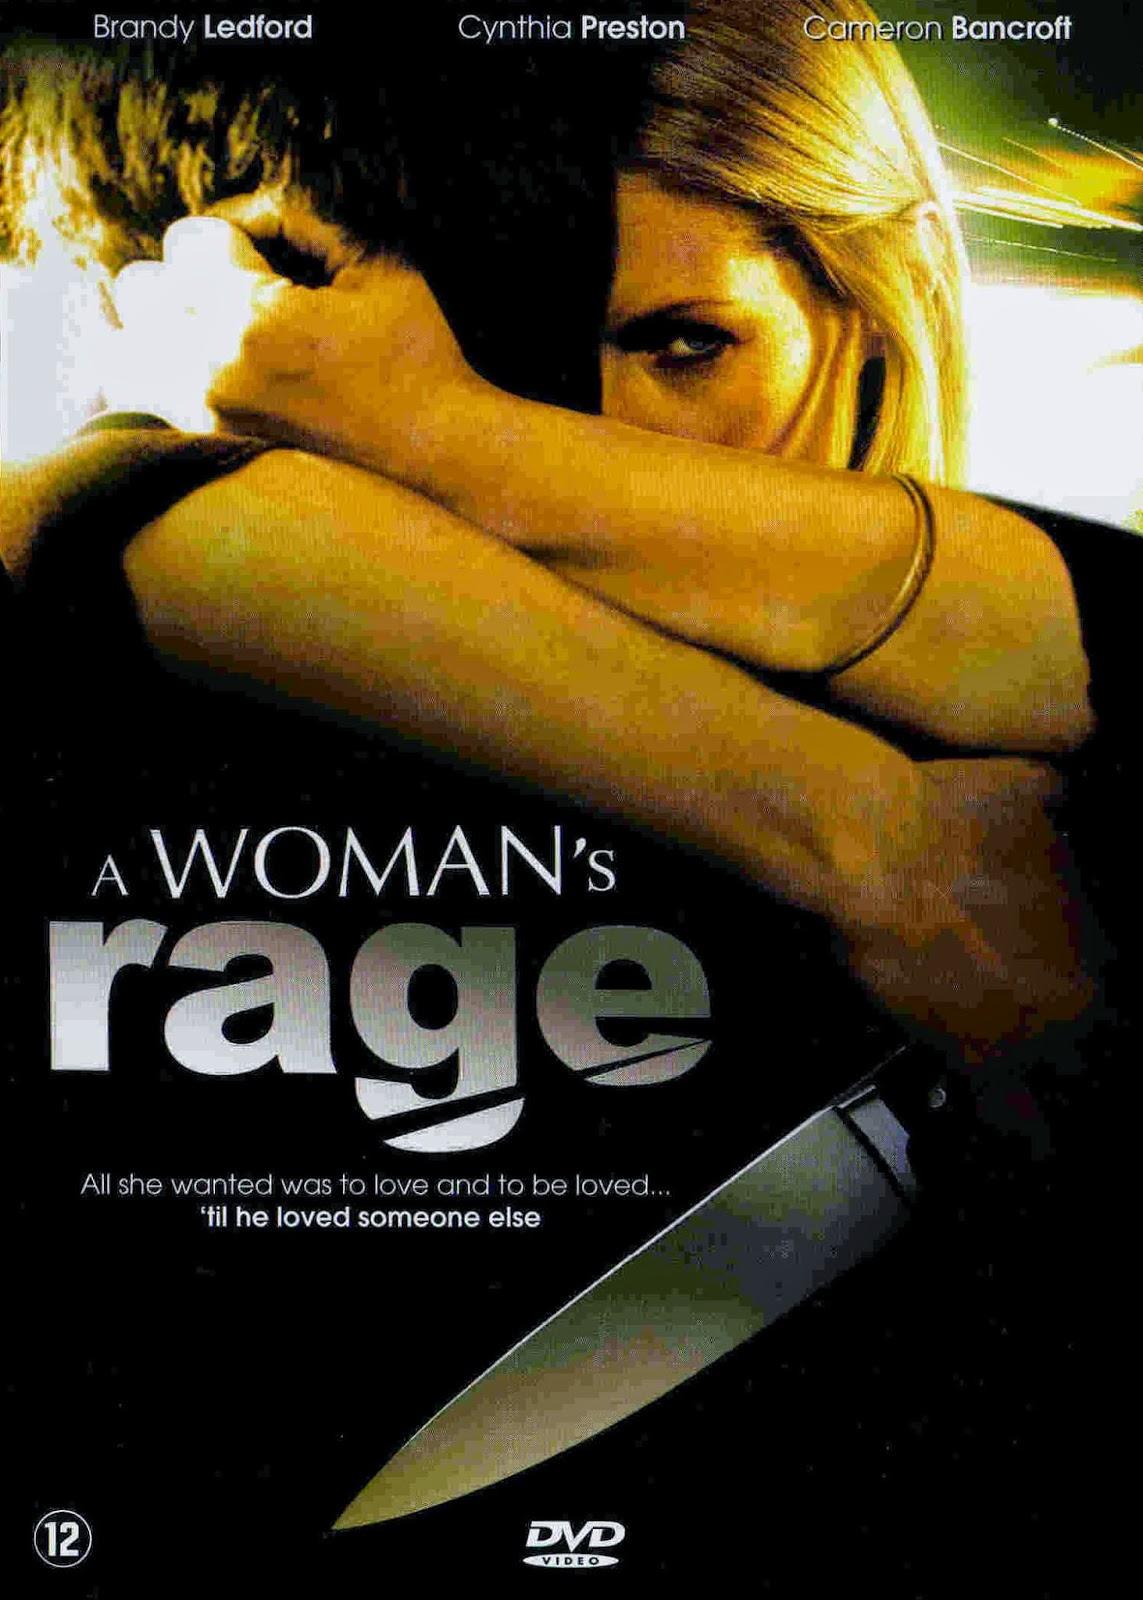 A Woman's Rage (2008)